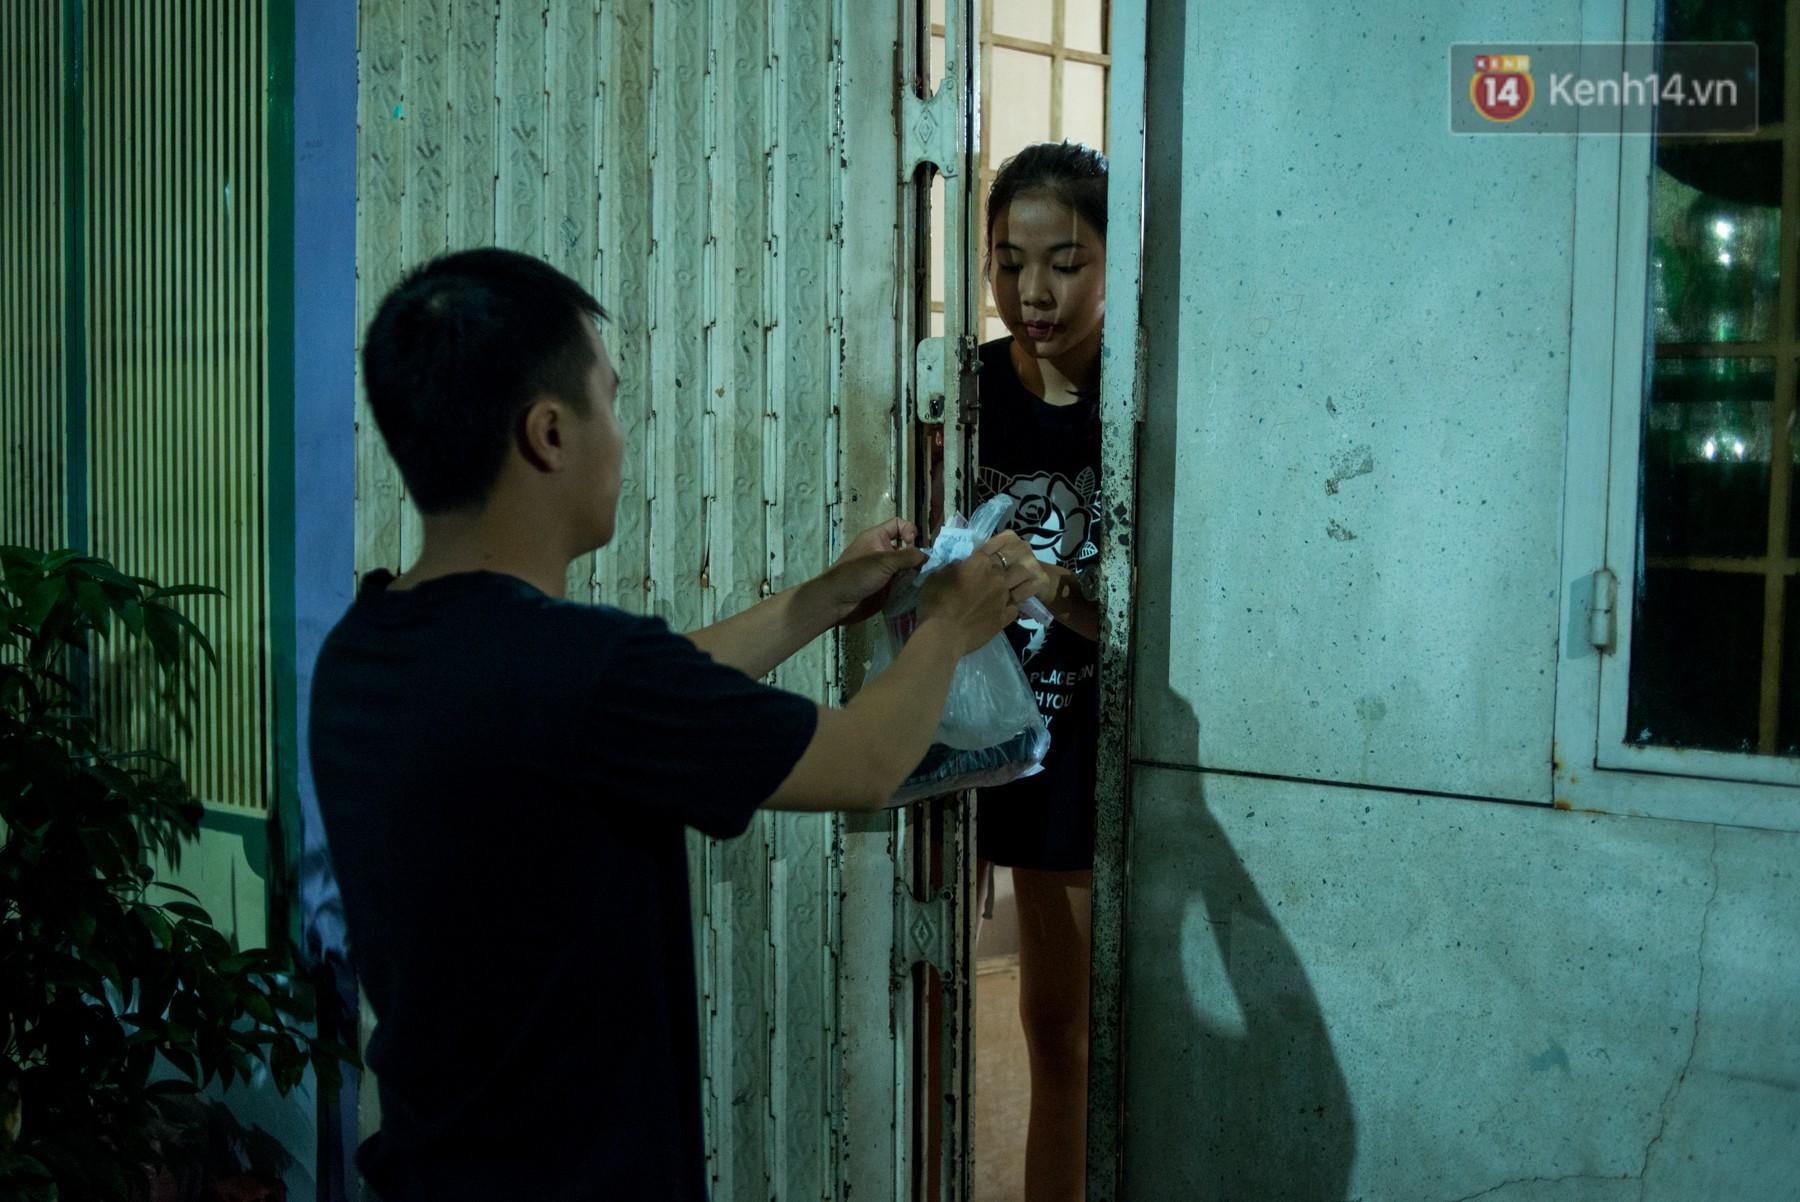 Dịch vụ giao thức ăn đêm ở Sài Gòn tăng cường hoạt động đến gần 3h sáng trong mùa World Cup - Ảnh 11.